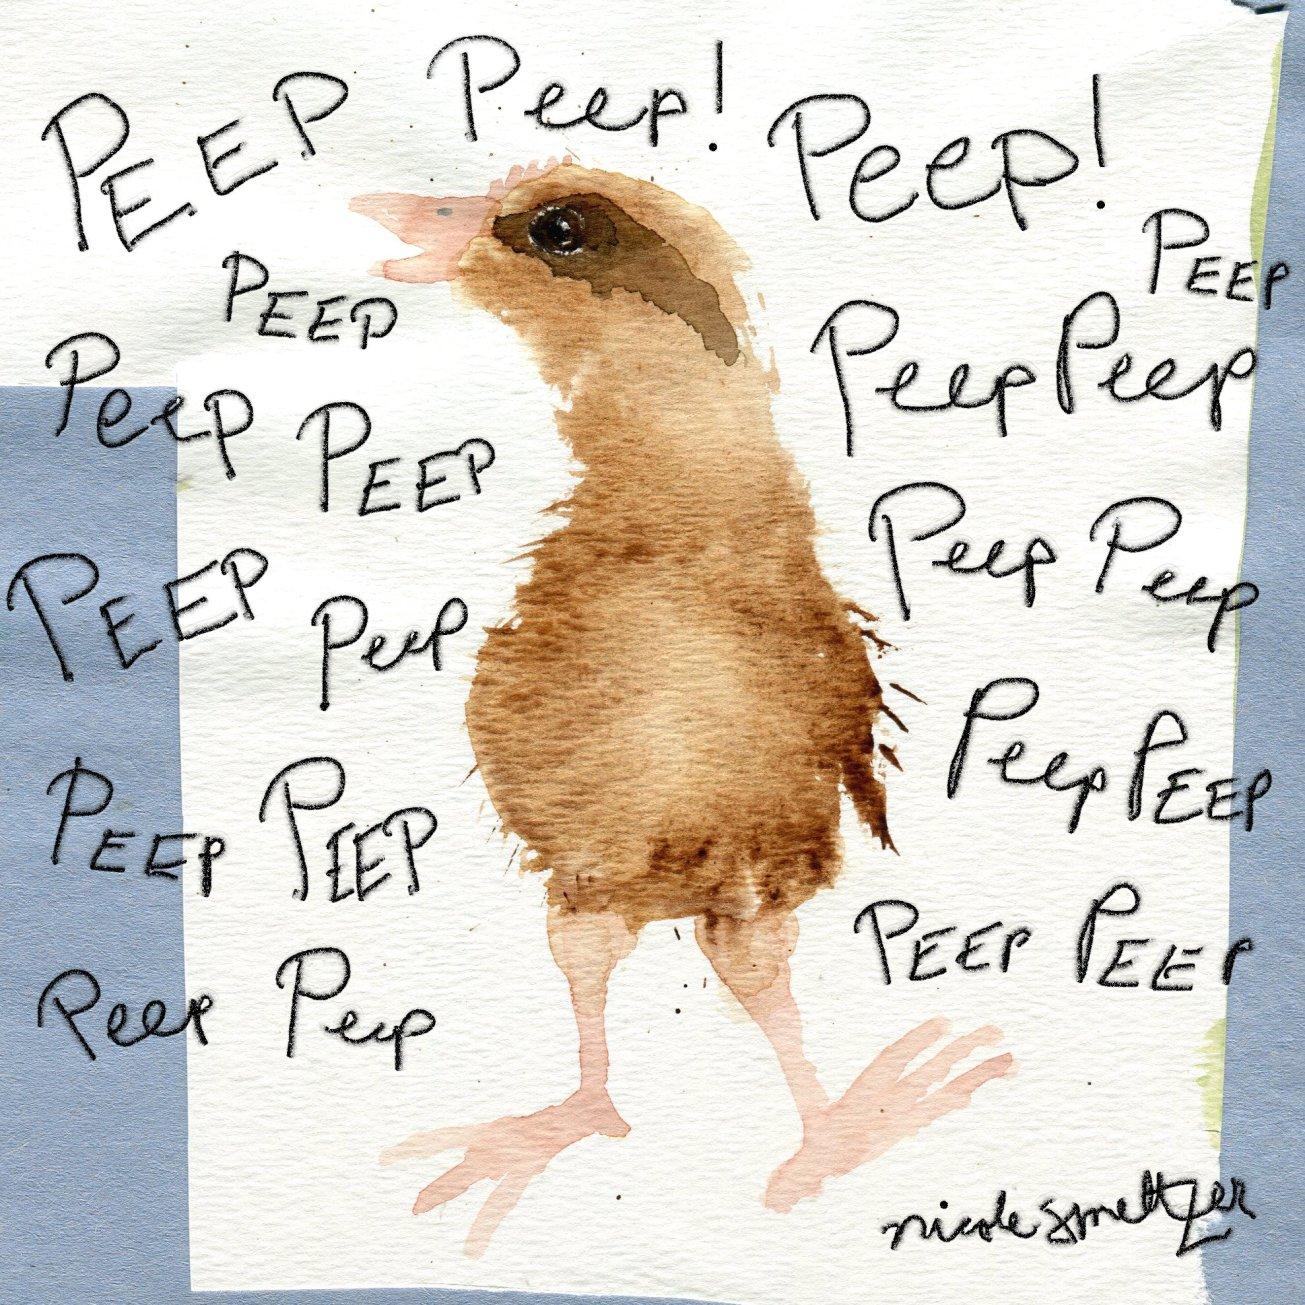 peeppeep peeeeep